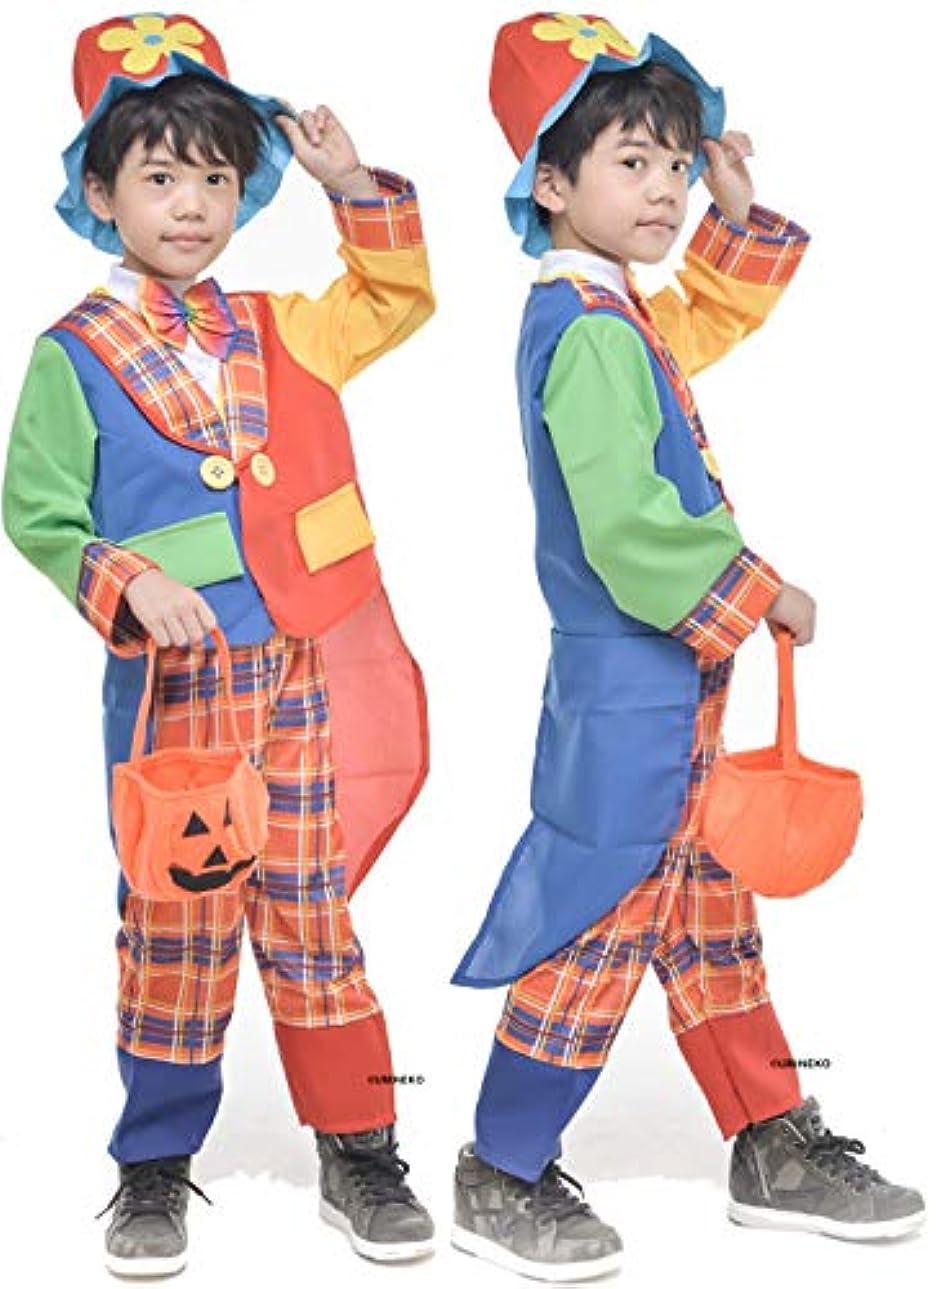 予言する記録仕事に行くパンプキンパレード ハロウィン 衣装 コスチューム 仮装 男の子 女の子 キッズ 5点SET ピエロ 120cm 130cm